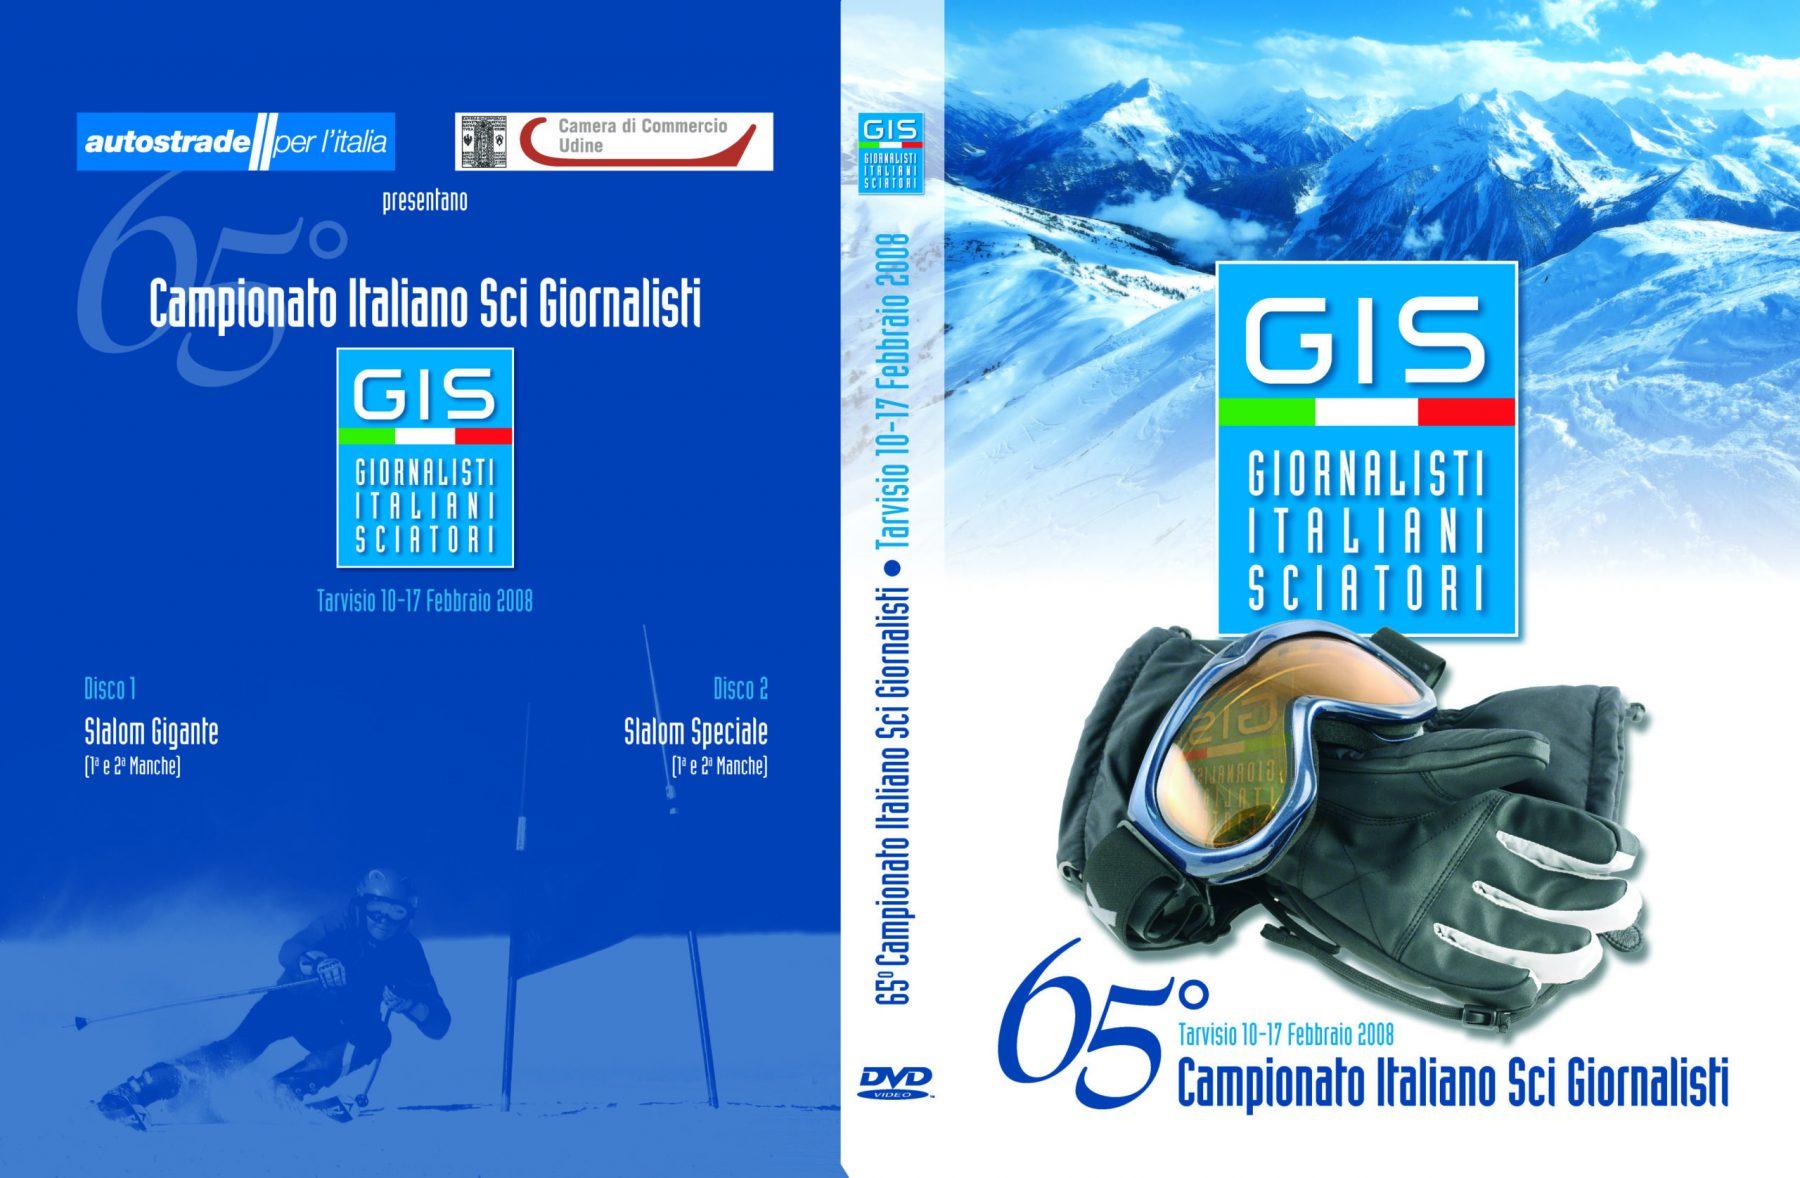 FUSTELLA 14x19x5 2 [Convertito].ai